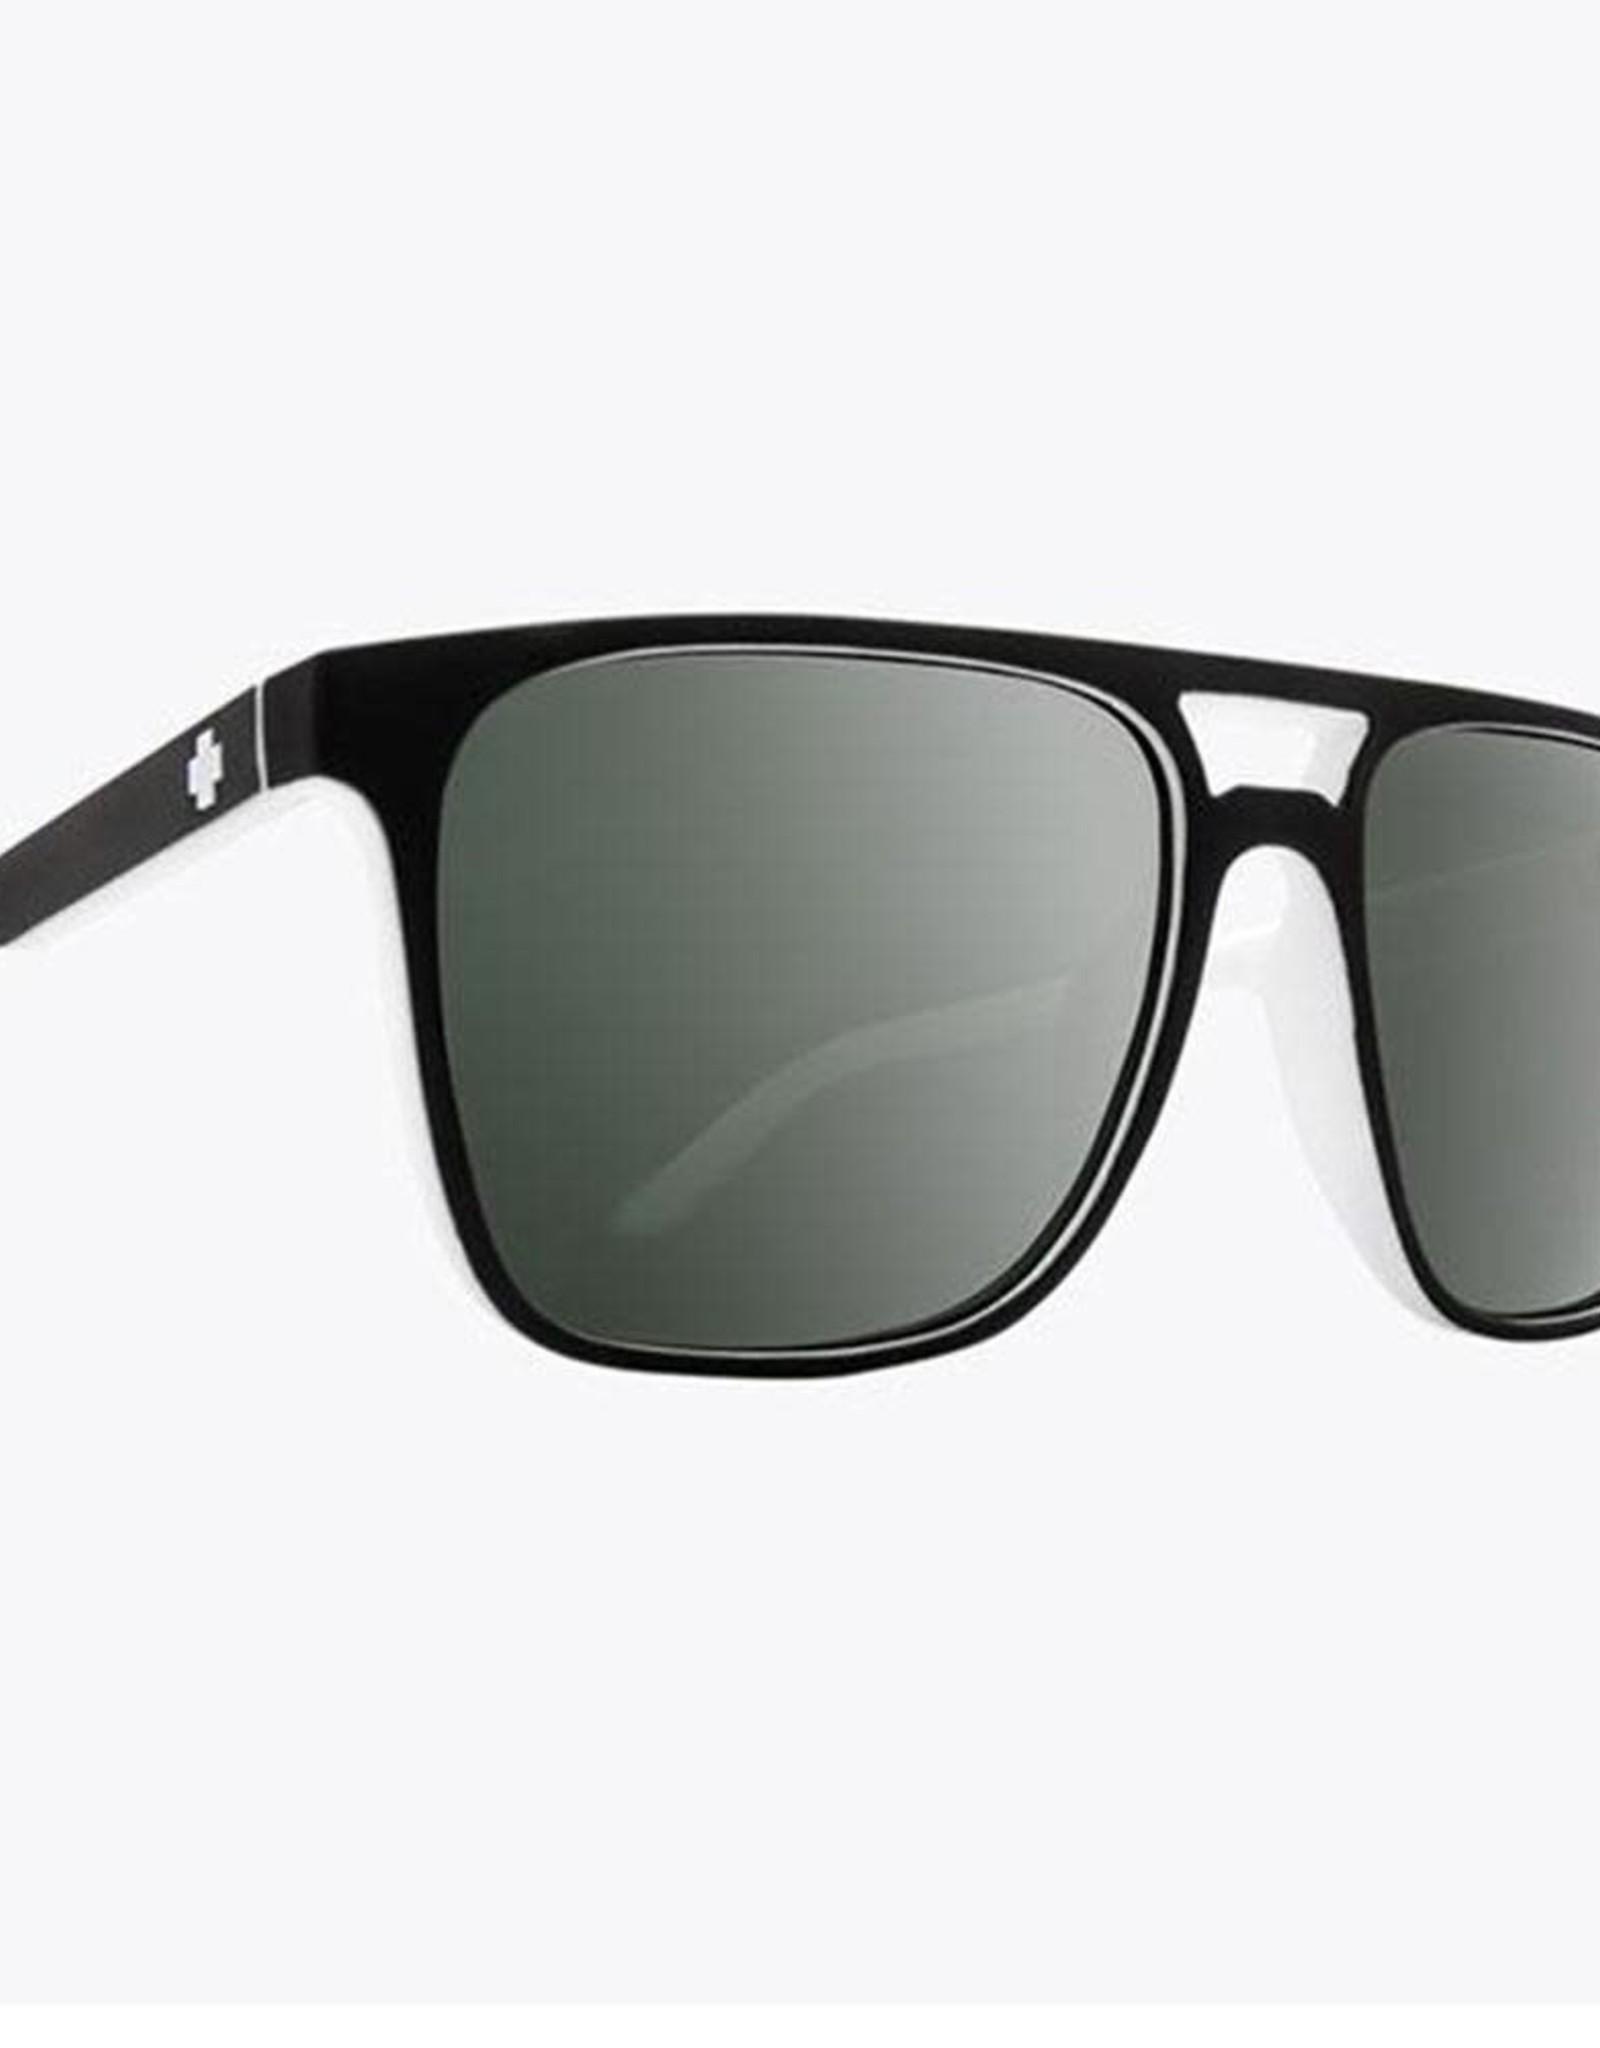 SPY Spy - CZAR WHITEWALL HD - Grey/Green w/ plat spec.